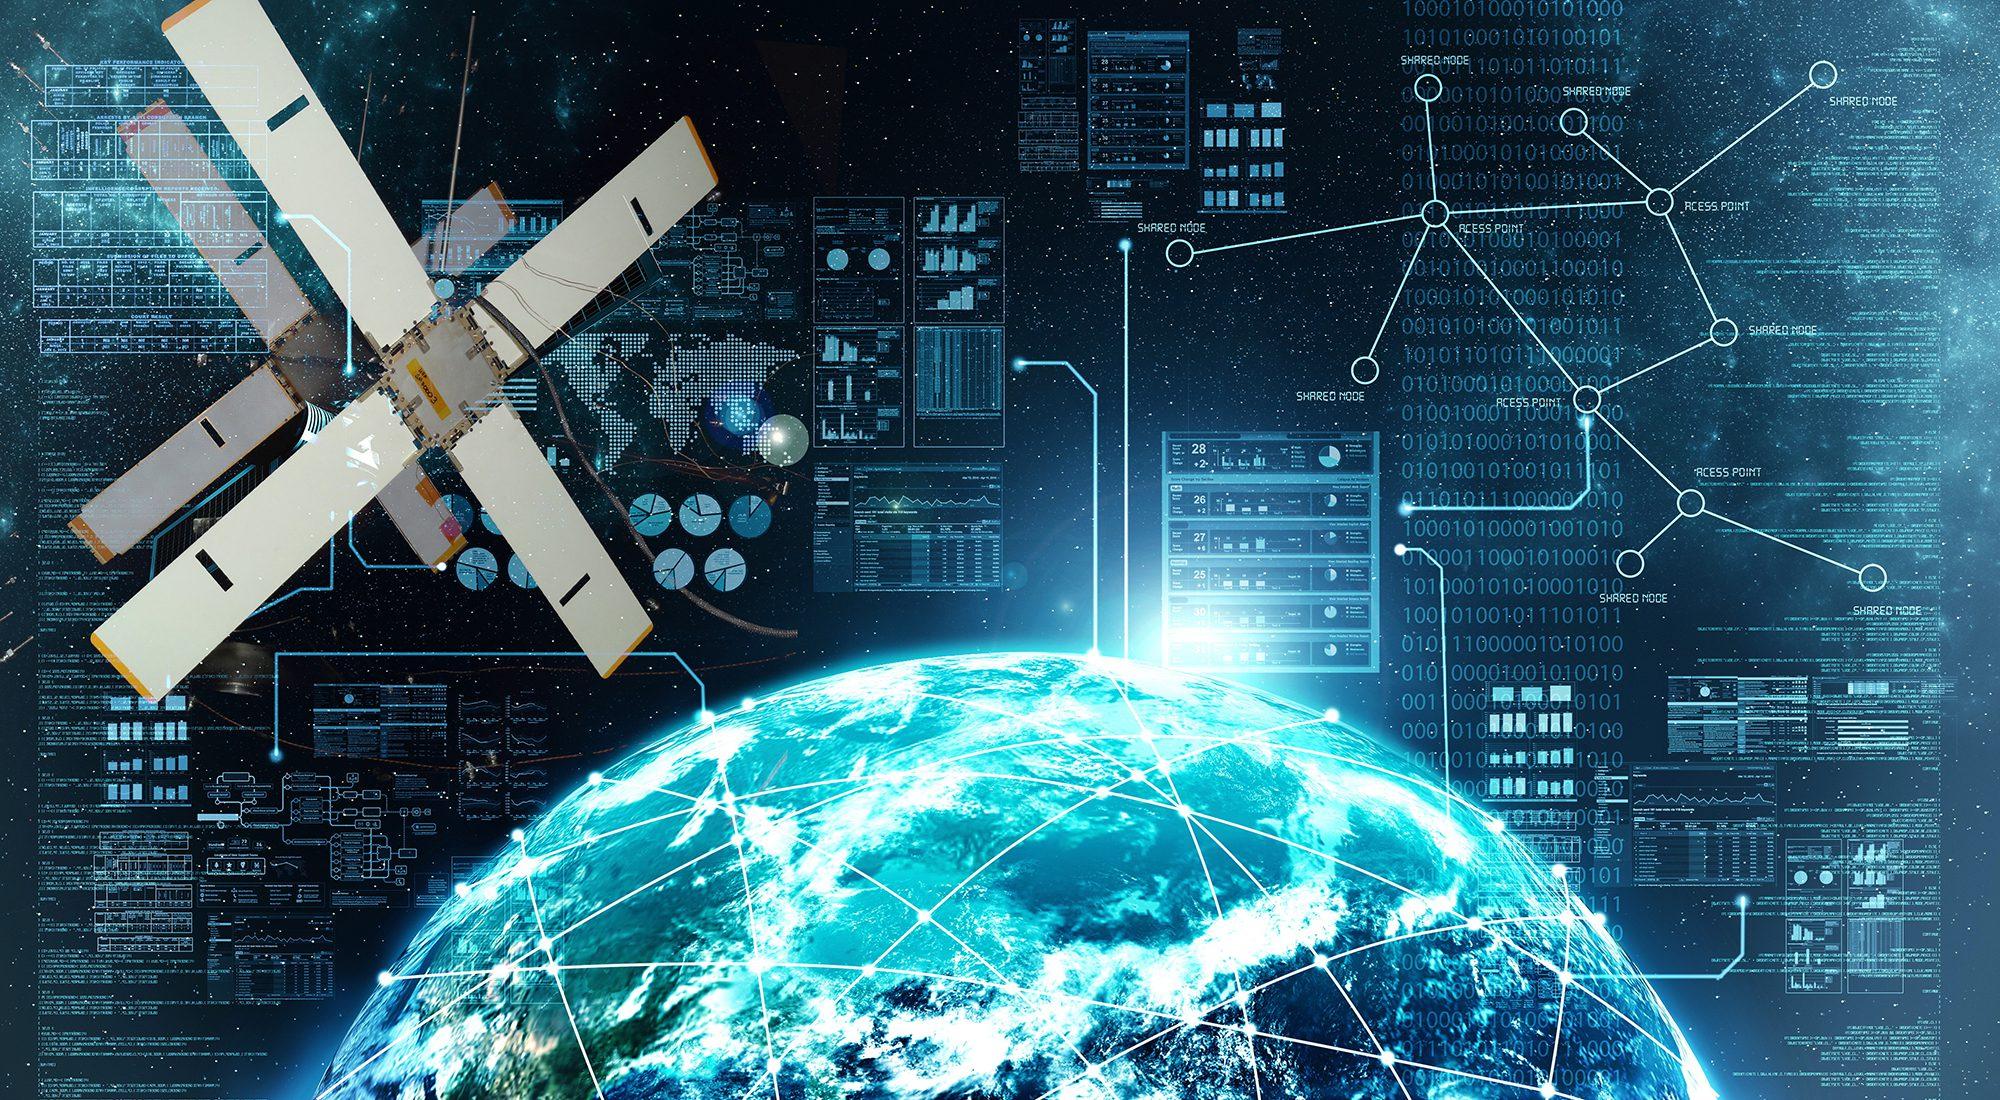 """Résultat de recherche d'images pour """"Satellite Internet Service"""""""